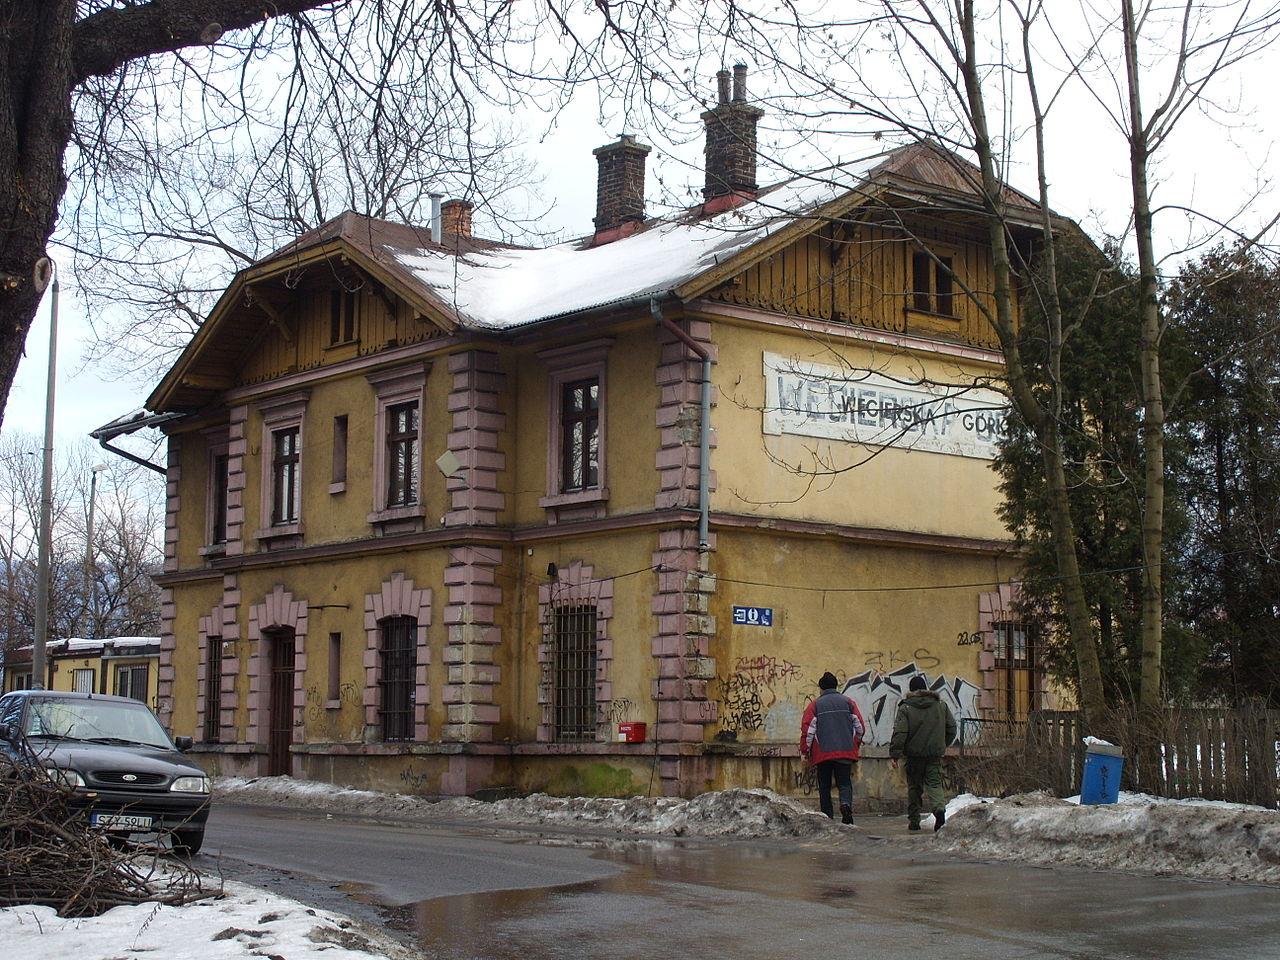 Szlak turystyczny – Węgierska Górka– Hala Rysianka